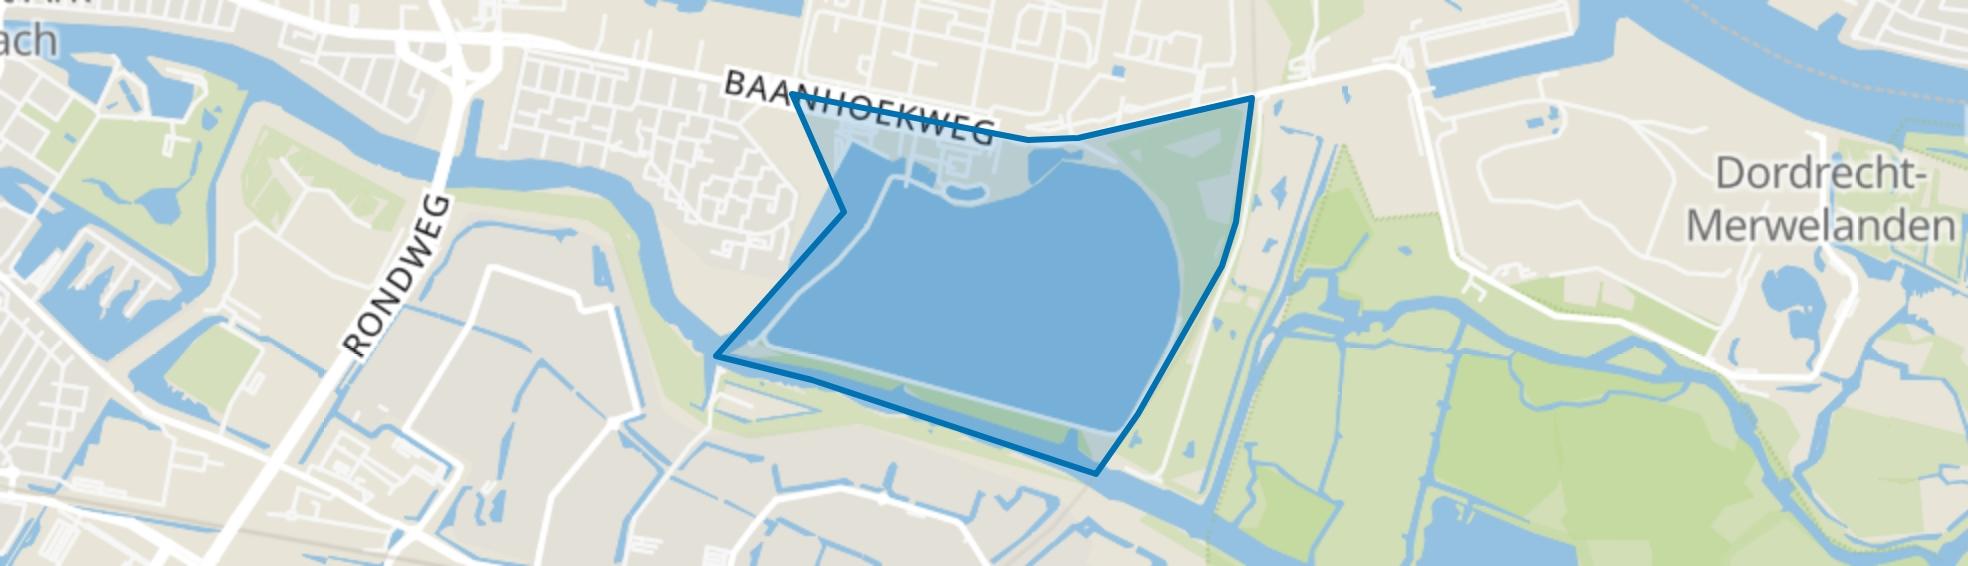 Spaarbekken, Dordrecht map